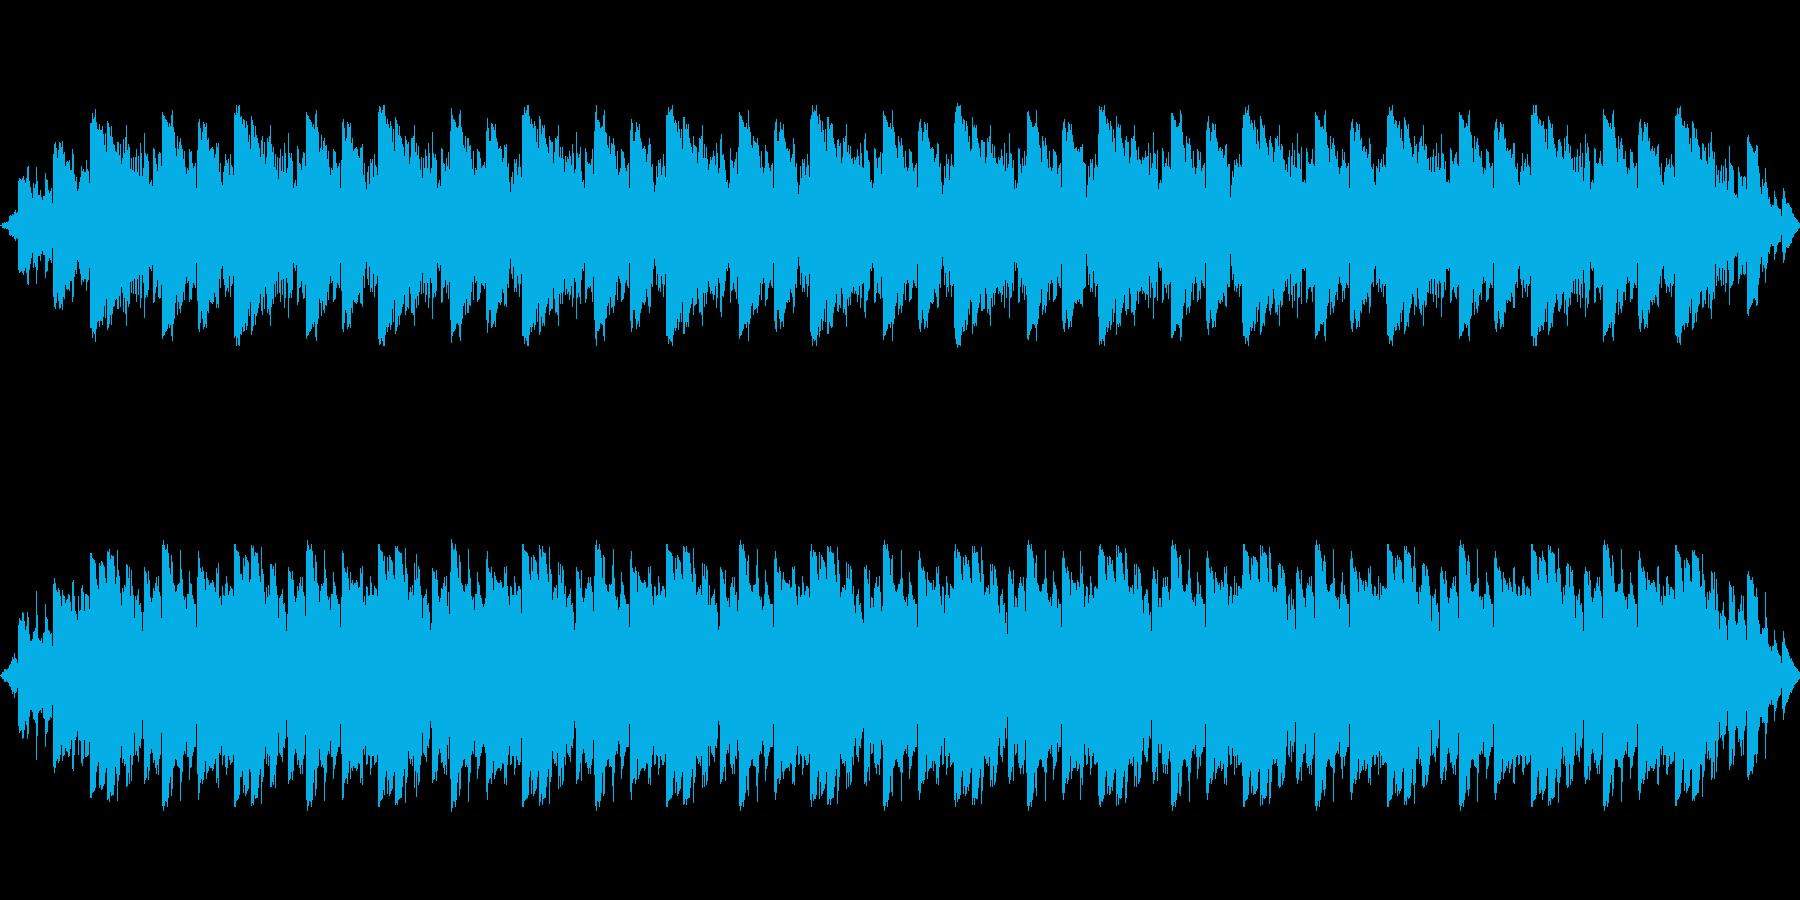 単調なアンビエント・神秘的な雰囲気の再生済みの波形